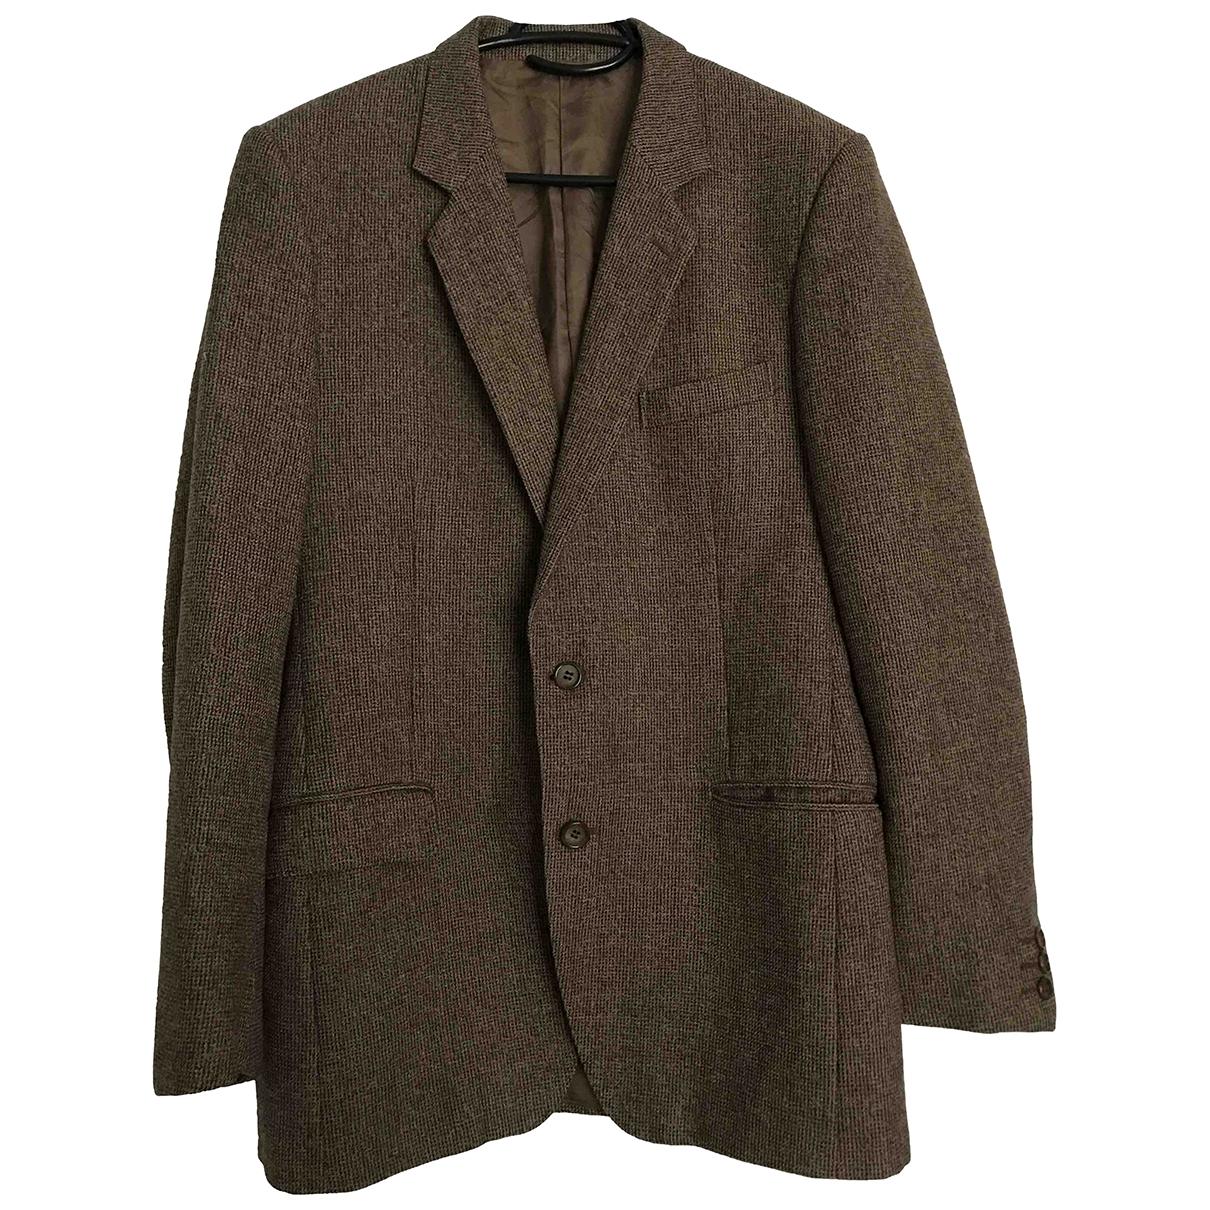 Yves Saint Laurent - Vestes.Blousons   pour homme en laine - marron